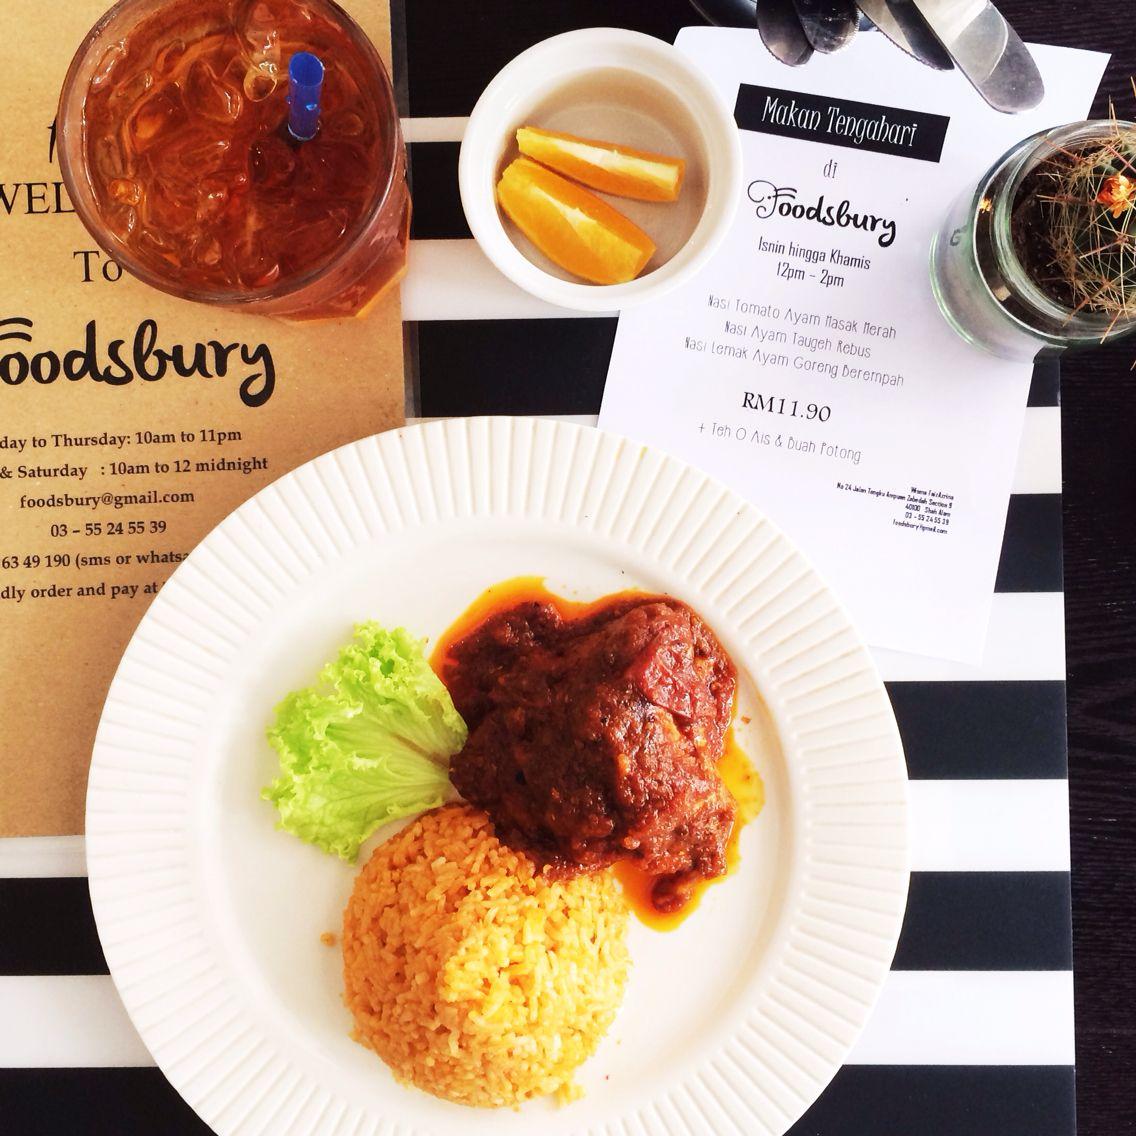 makan tengahari di foodsbury:   teh o ais & buah pencuci mulut &    a) nasi lemak ayam goreng berempah ATAU  b) nasi tomato ayam masak merah ATAU  c) nasi ayam  see you for #lunch 12pm-2pm!